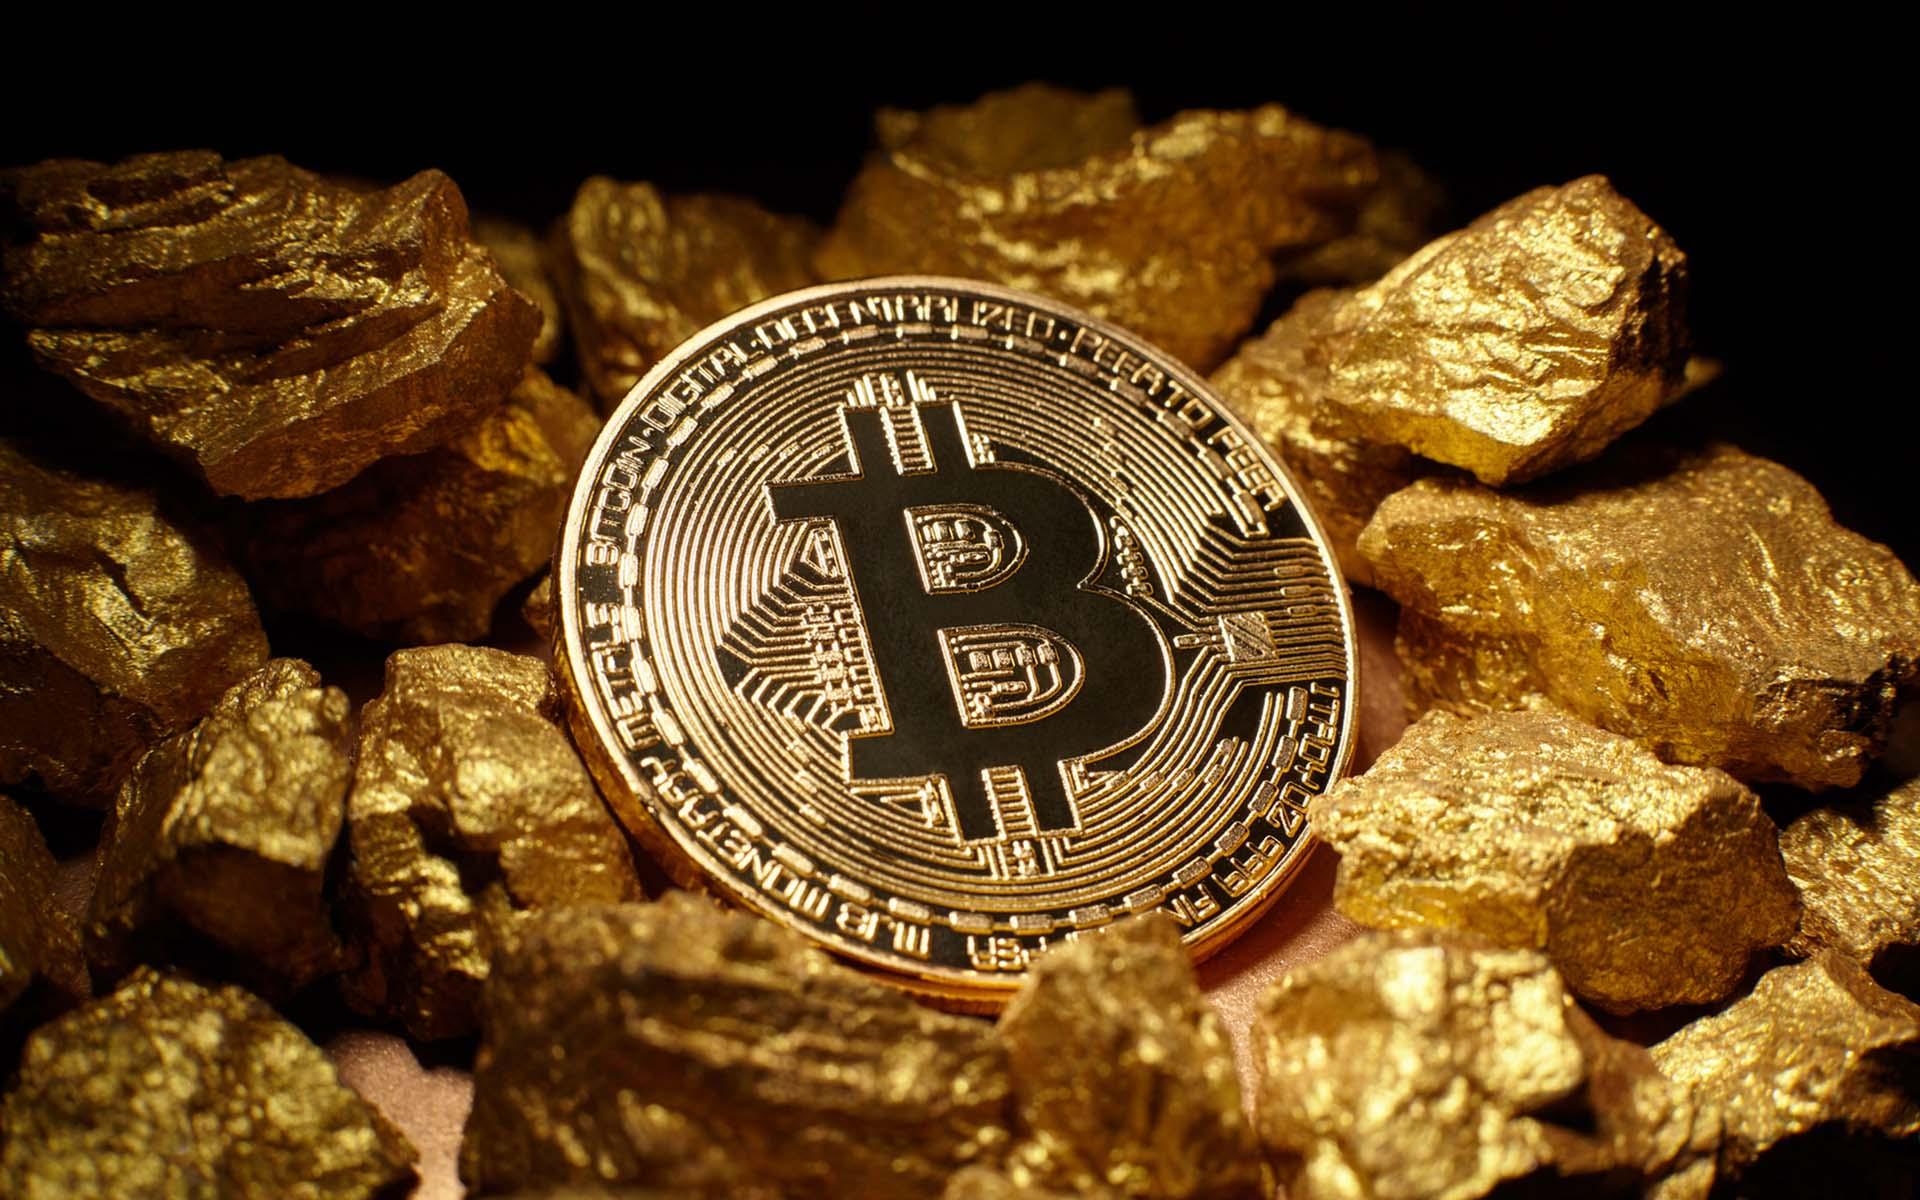 Деривативы на золото с расчетом в биткоинах запущены на британской платформе B2C2